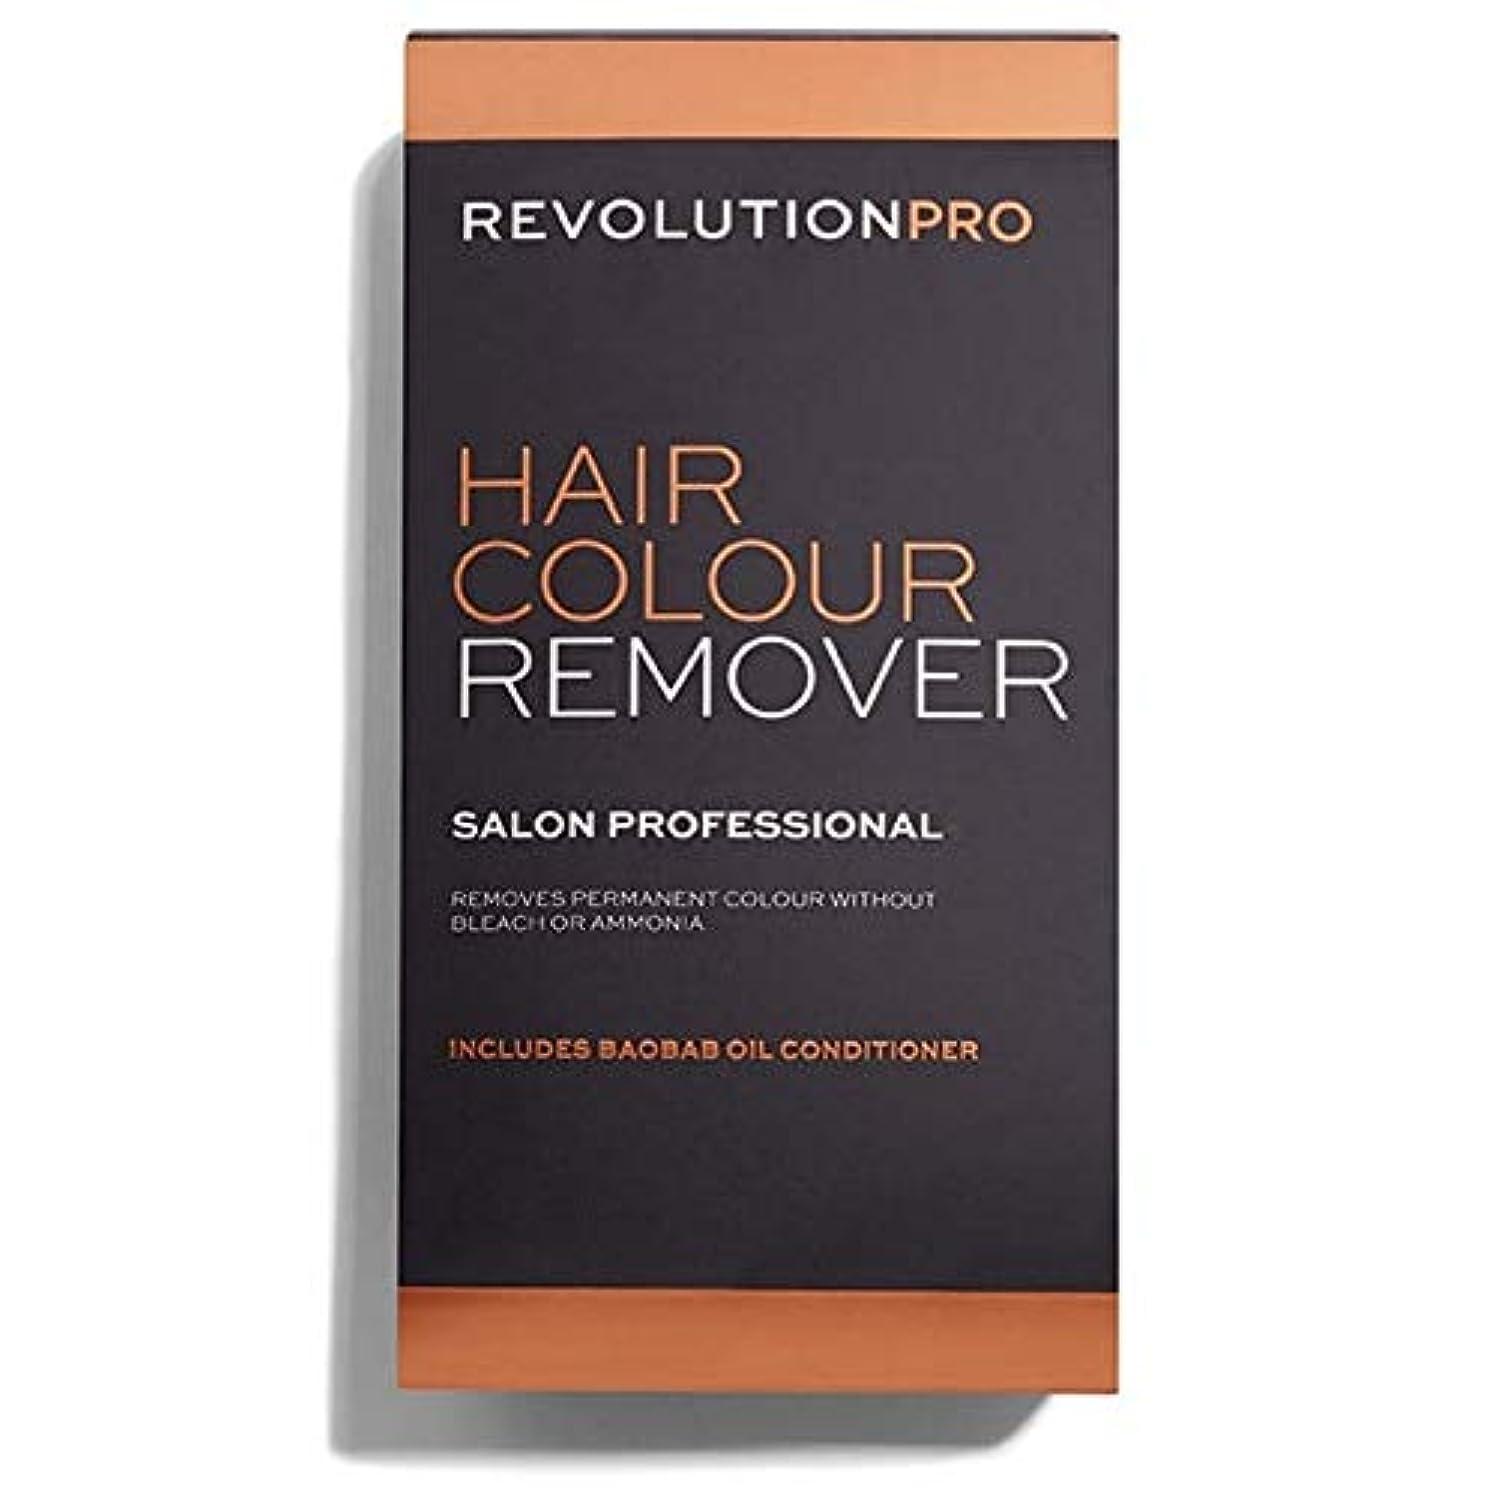 頬収益フォーク[Hair Revolution] 革命プロのヘアカラーリムーバー - Revolution PRO Hair Colour Remover [並行輸入品]